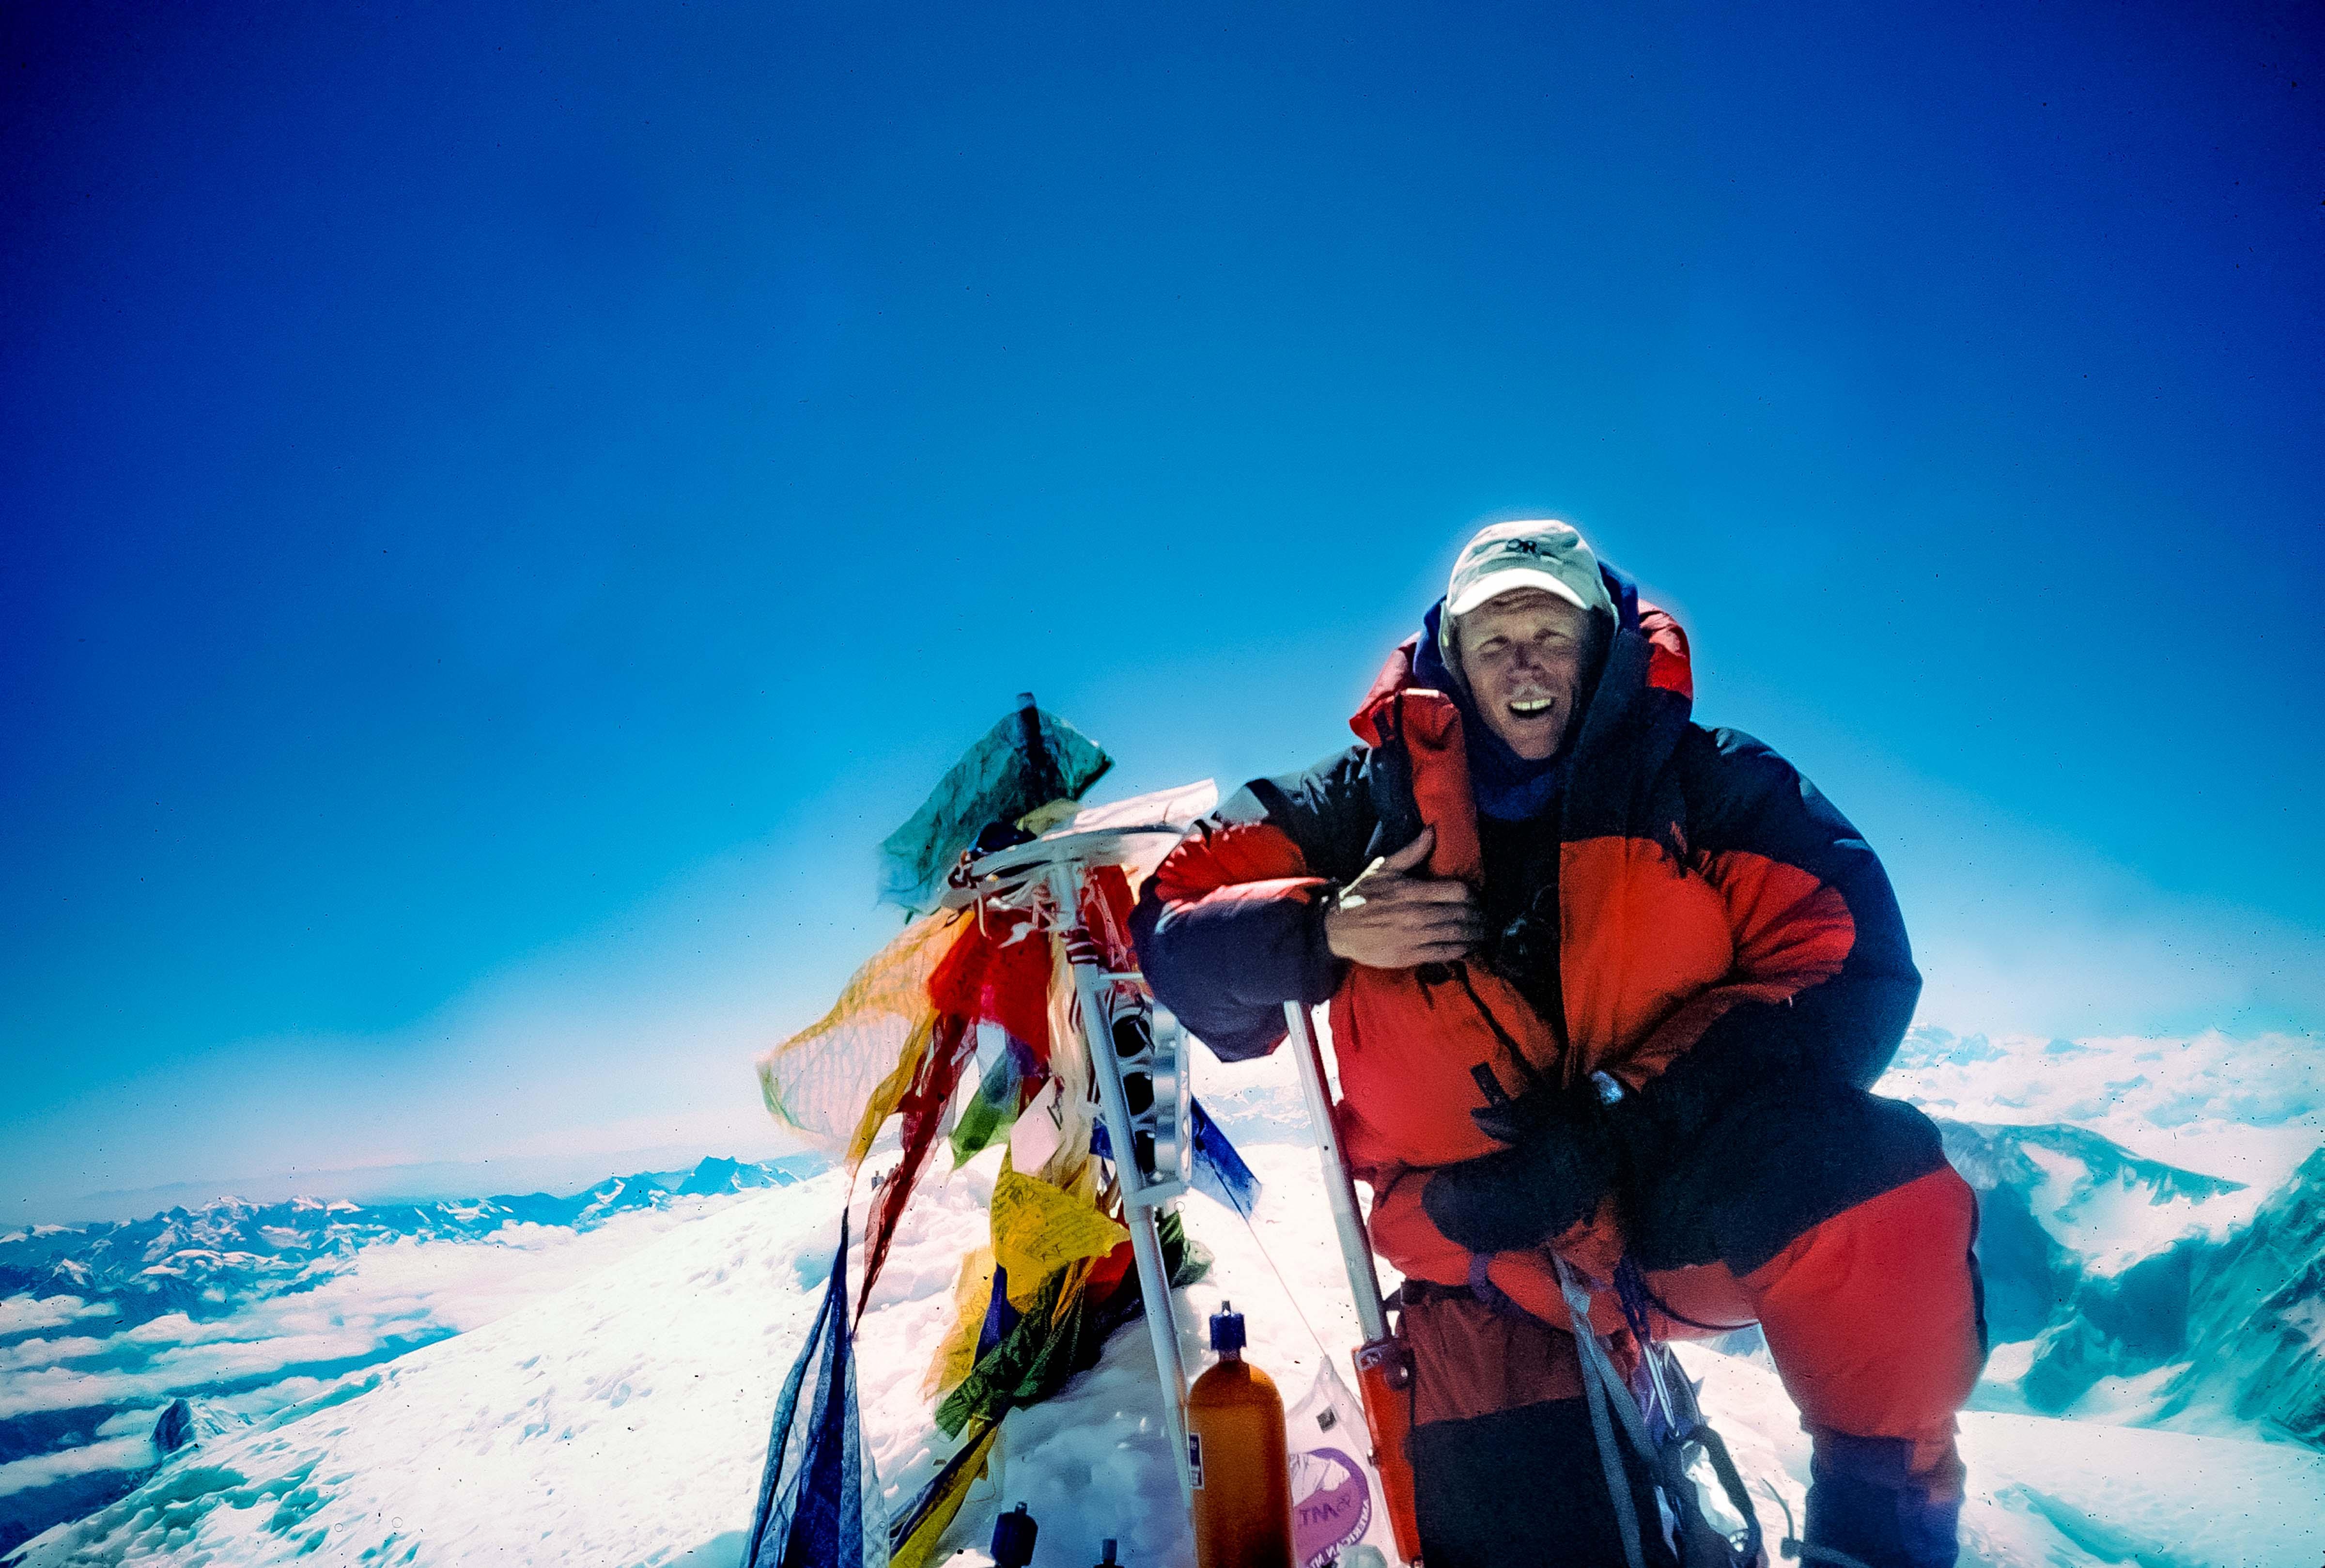 China Xizang (Tibet) Prov, Jeff Shea Everest Summit May 24, 1995 9a.m., 1995, 35mmSlide